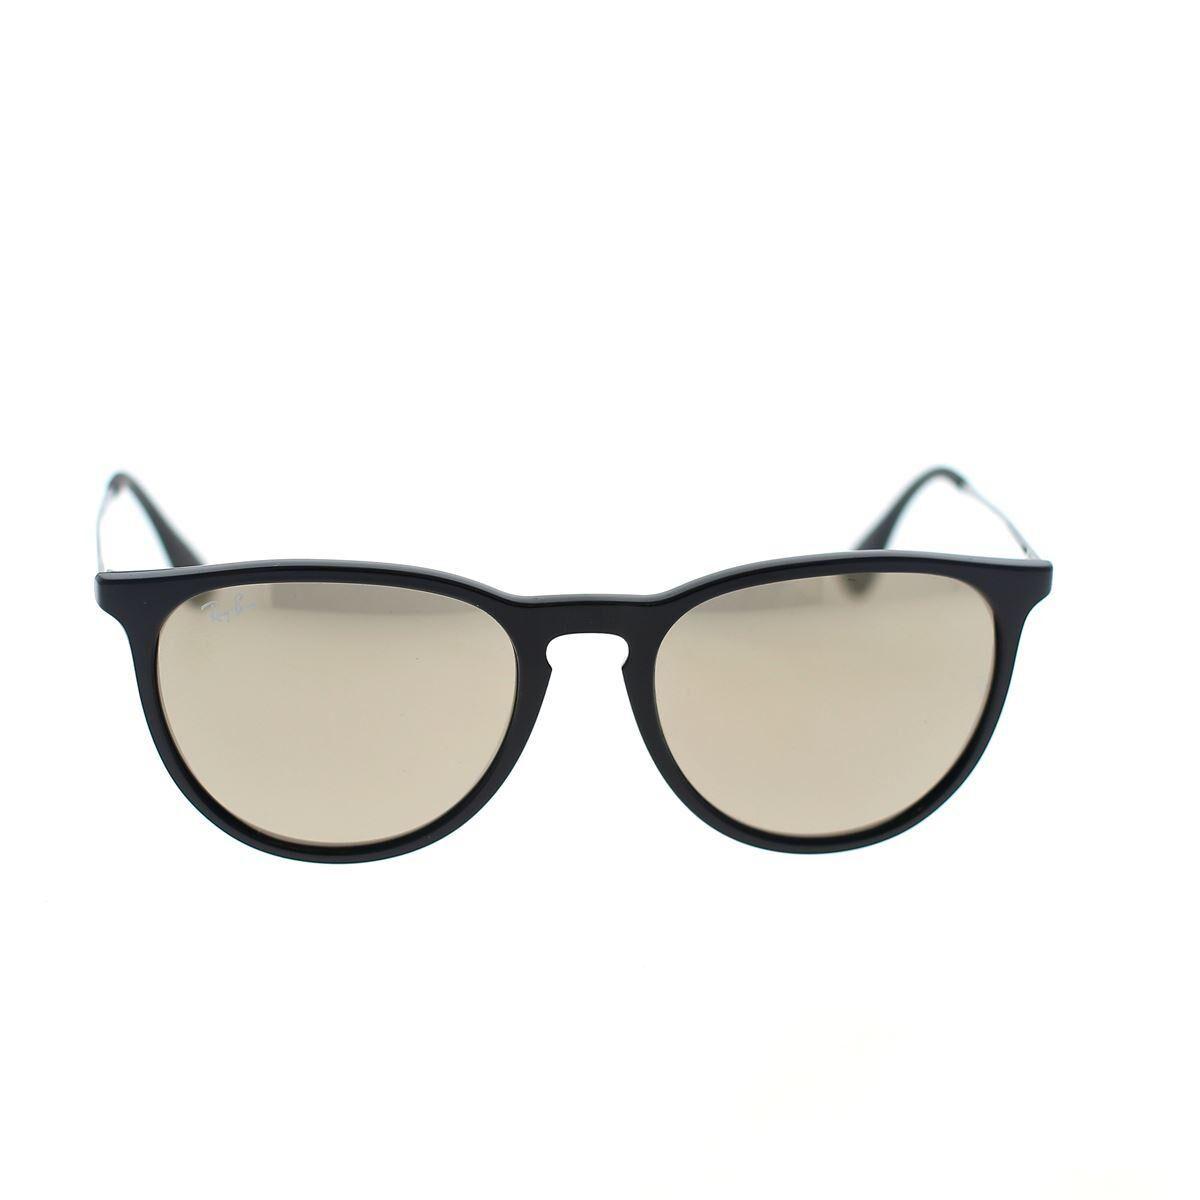 ray-ban occhiali da sole erika rb4171 601/5a